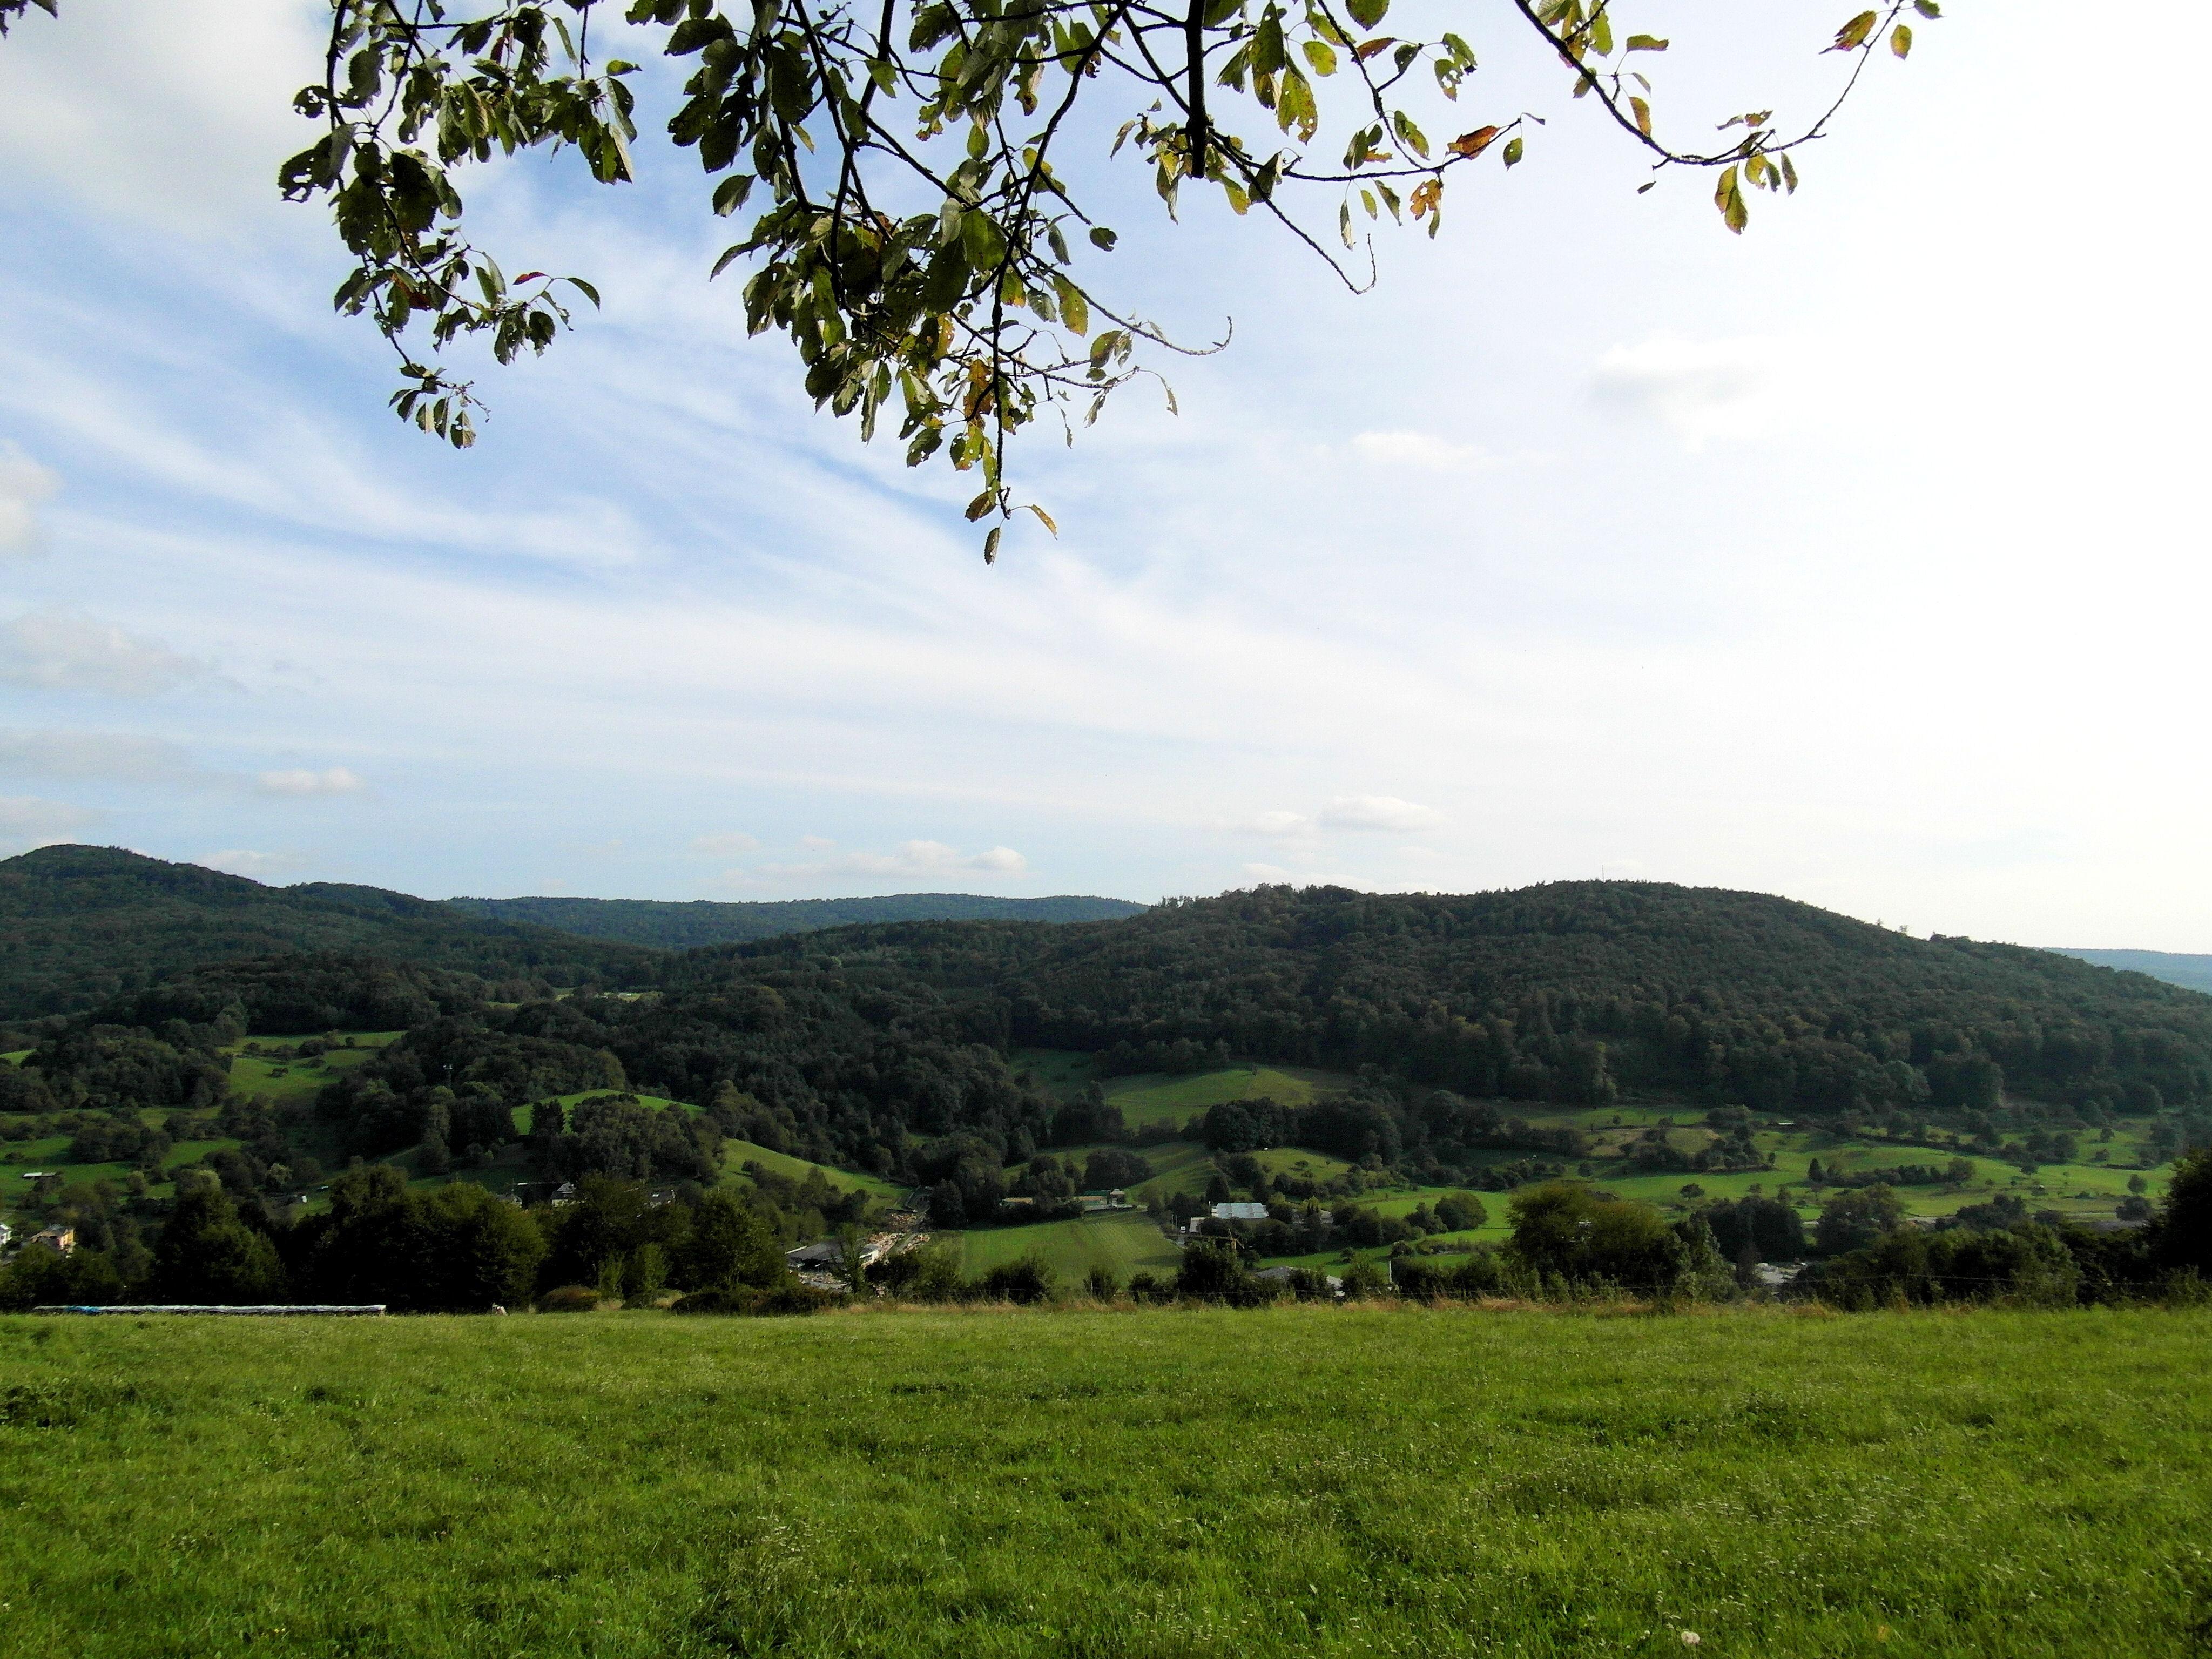 Gambar Pemandangan Pohon Hutan Gunung Menanam Langit